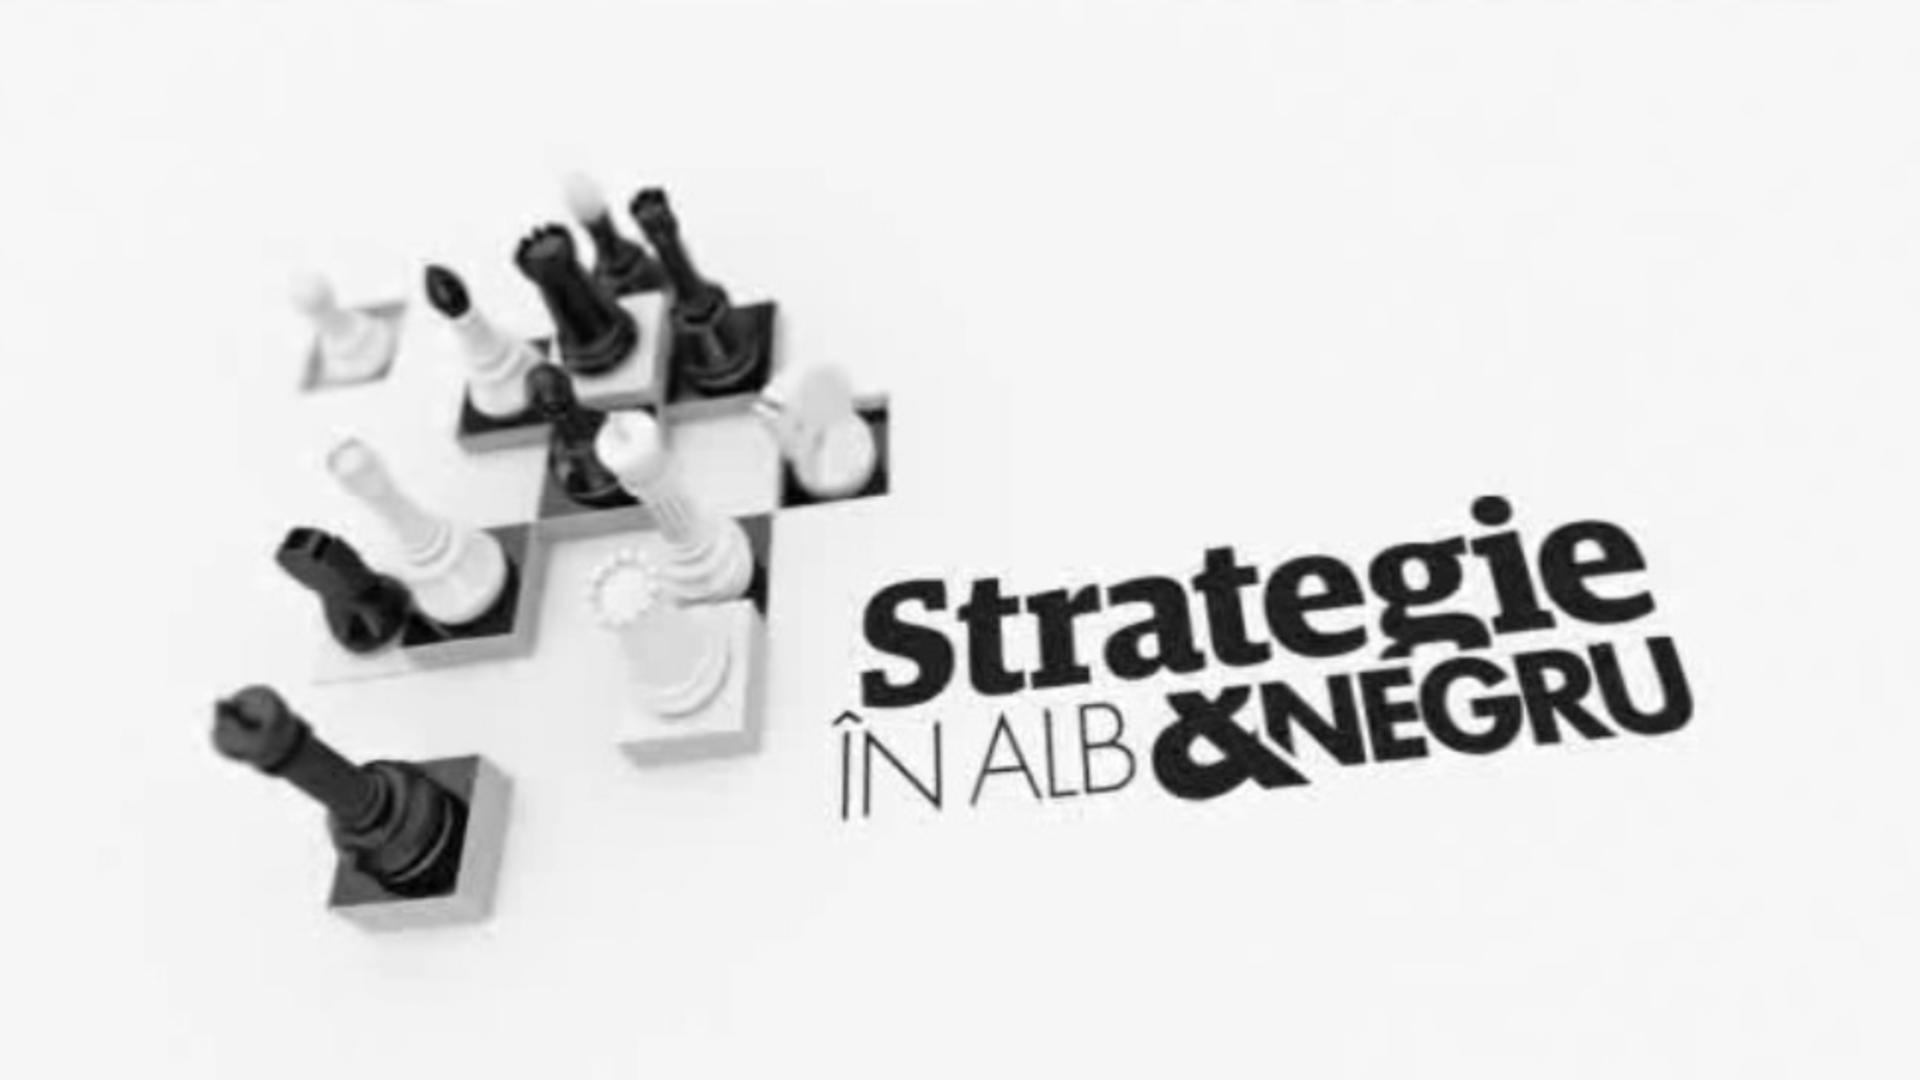 Strategie în alb și negru - Ediția din 27 martie 2021